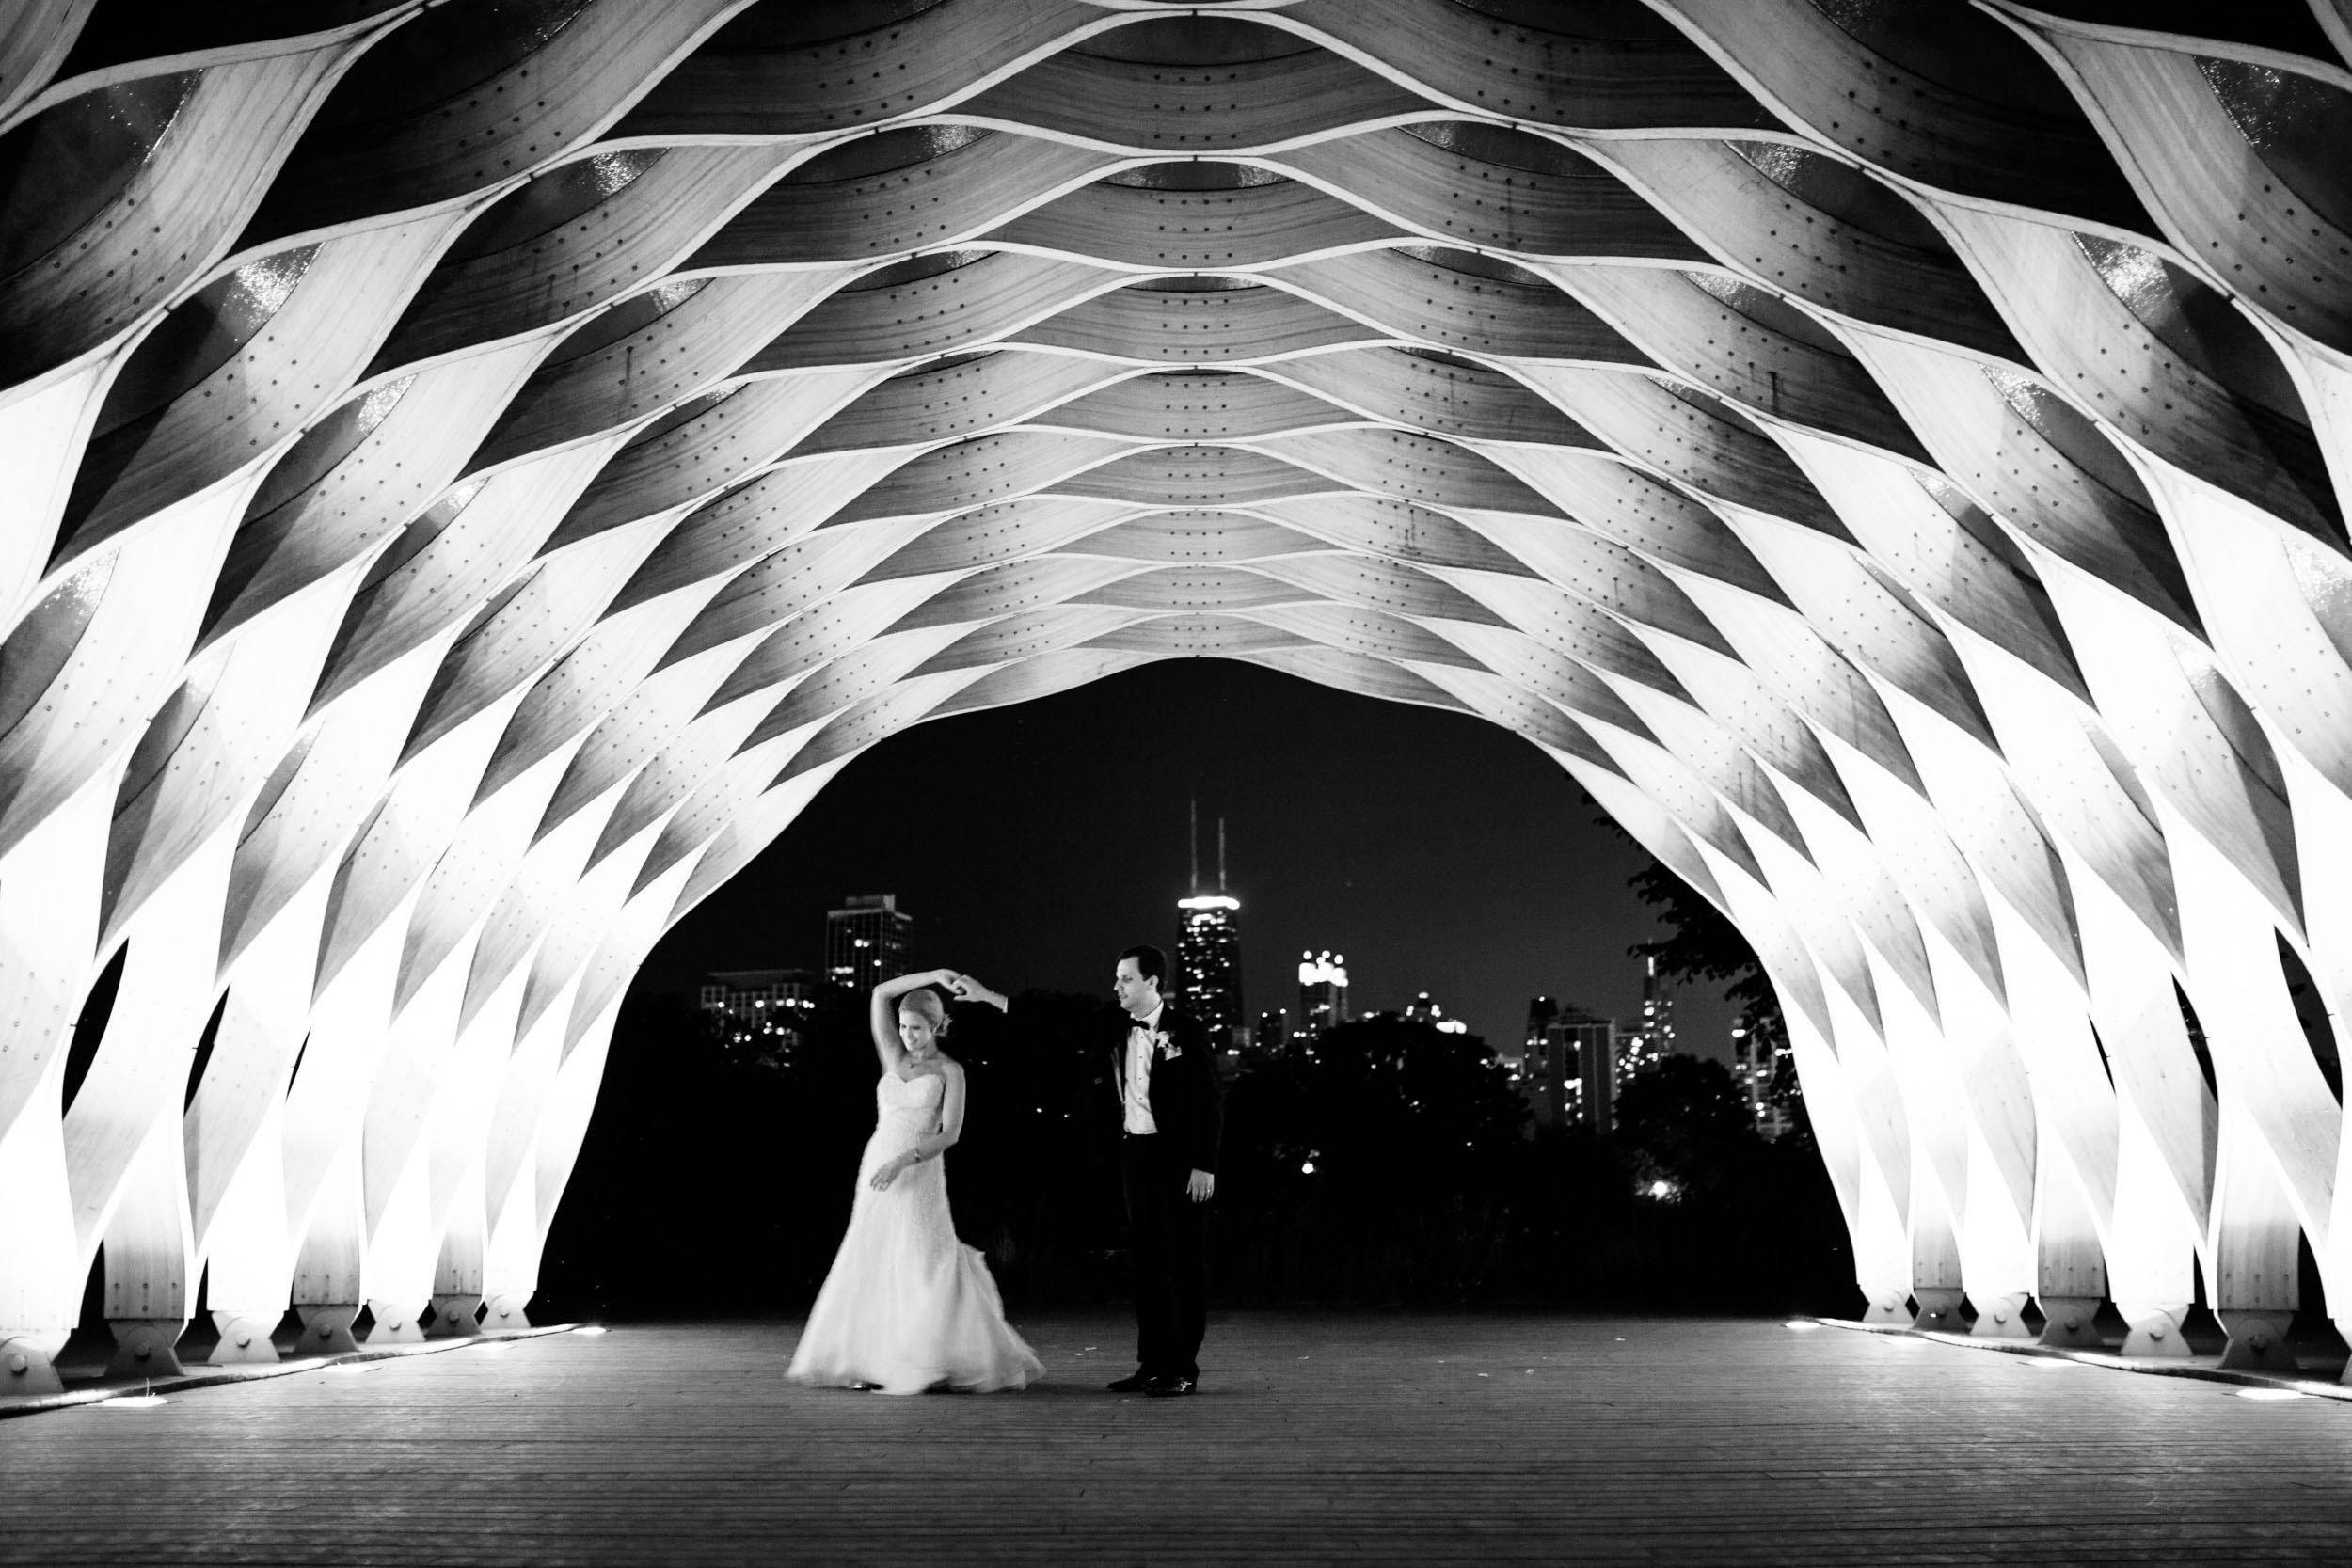 chicago-wedding-photos-studio-this-is-jack-schroeder-19.jpg